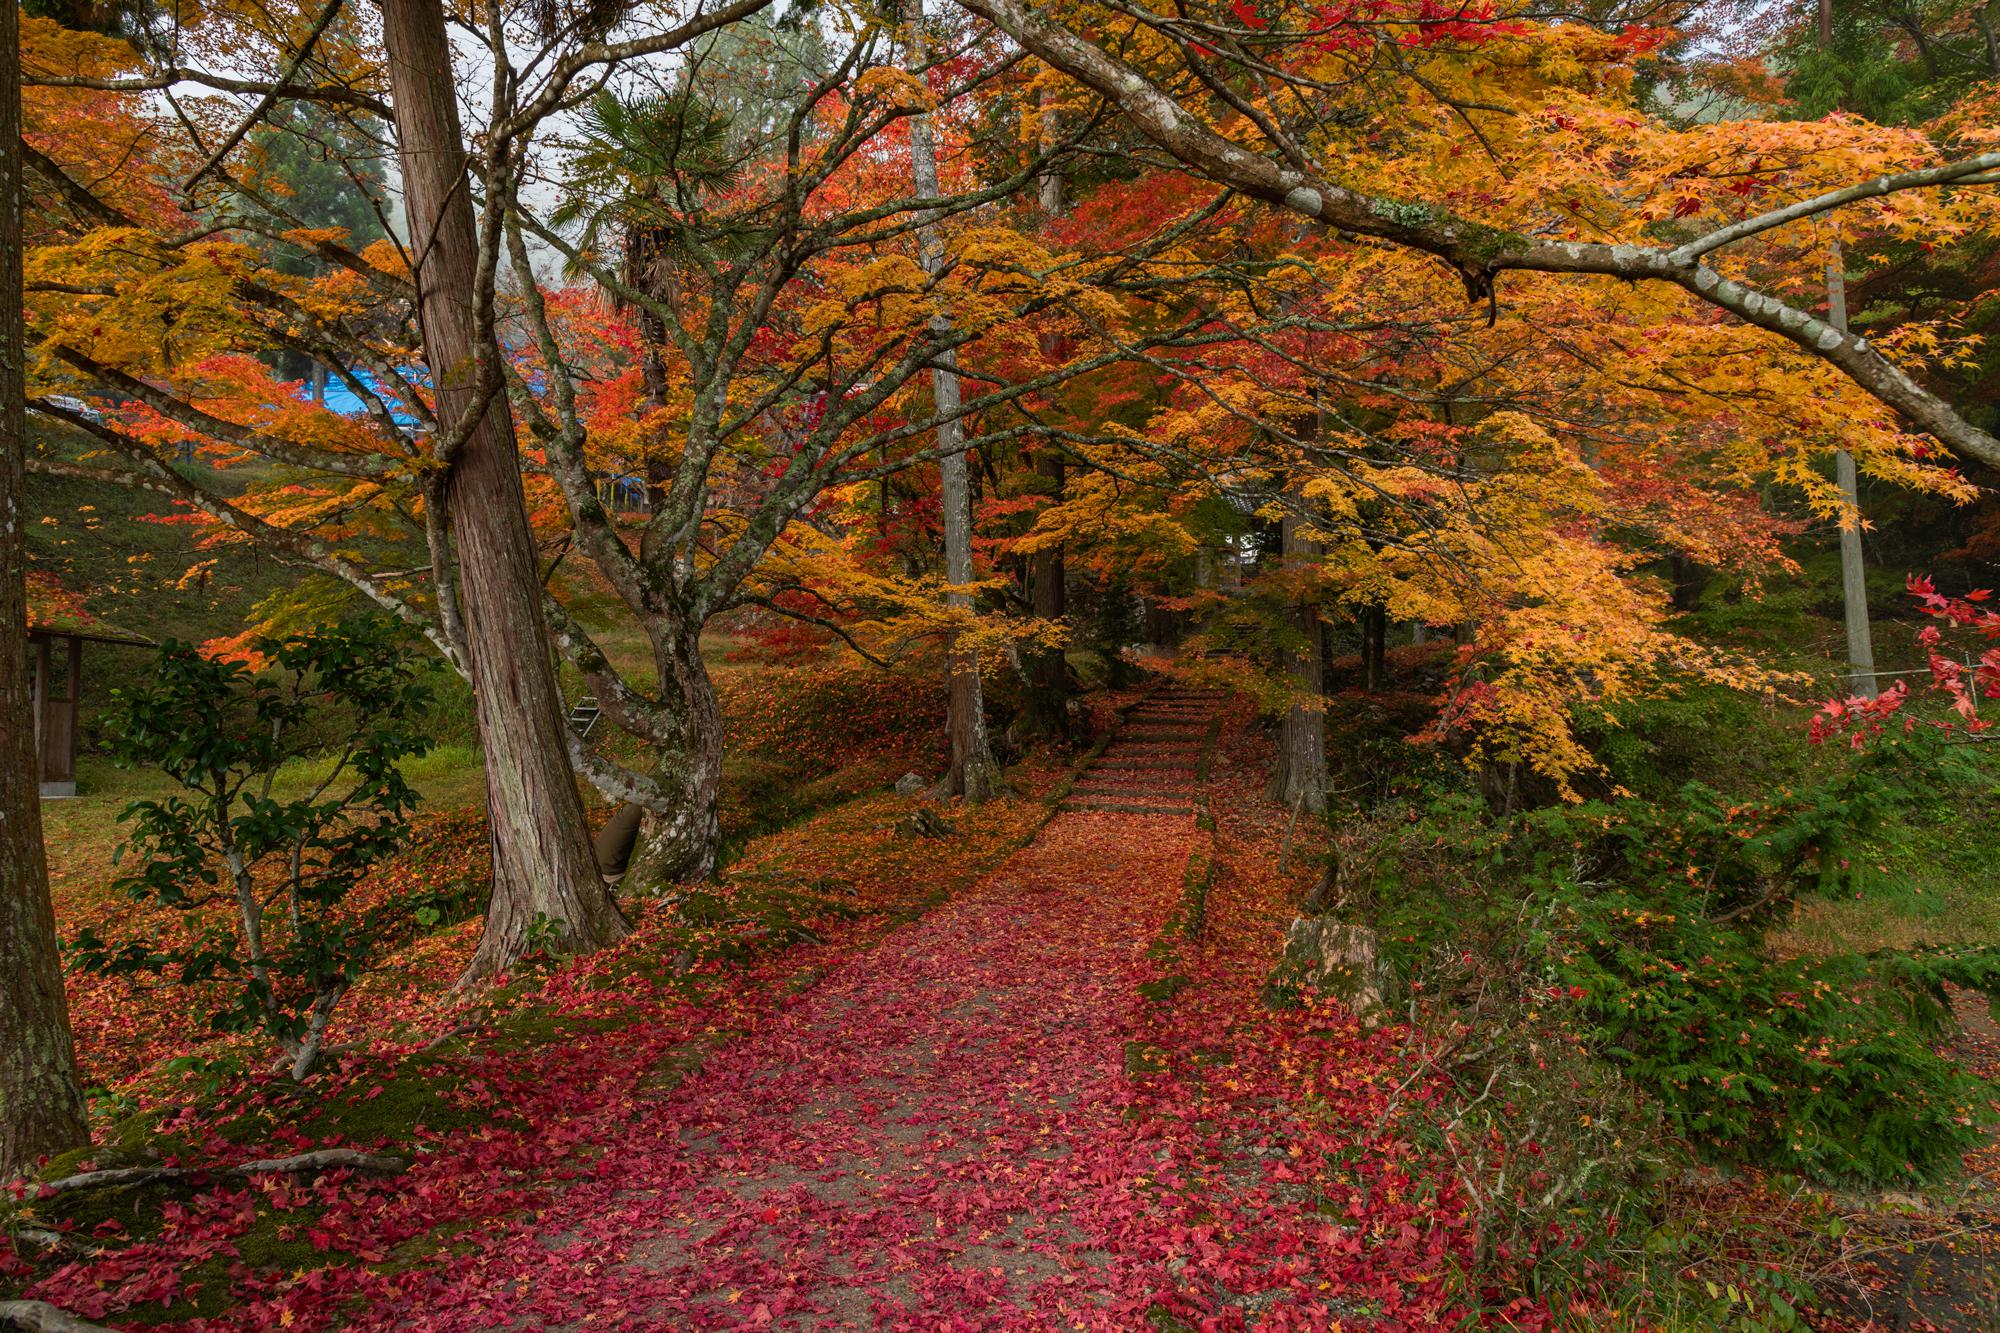 NIKON-CORPORATION_NIKON-D850_2785361074-2785469014_20909 京都  龍穏寺 Kyoto Ryoonji temple( 2019年 京都の秋、南丹市にある境内へ続く紅葉のトンネルが美しいおすすめの写真スポット・アクセス情報・駐車場・交通手段など!)